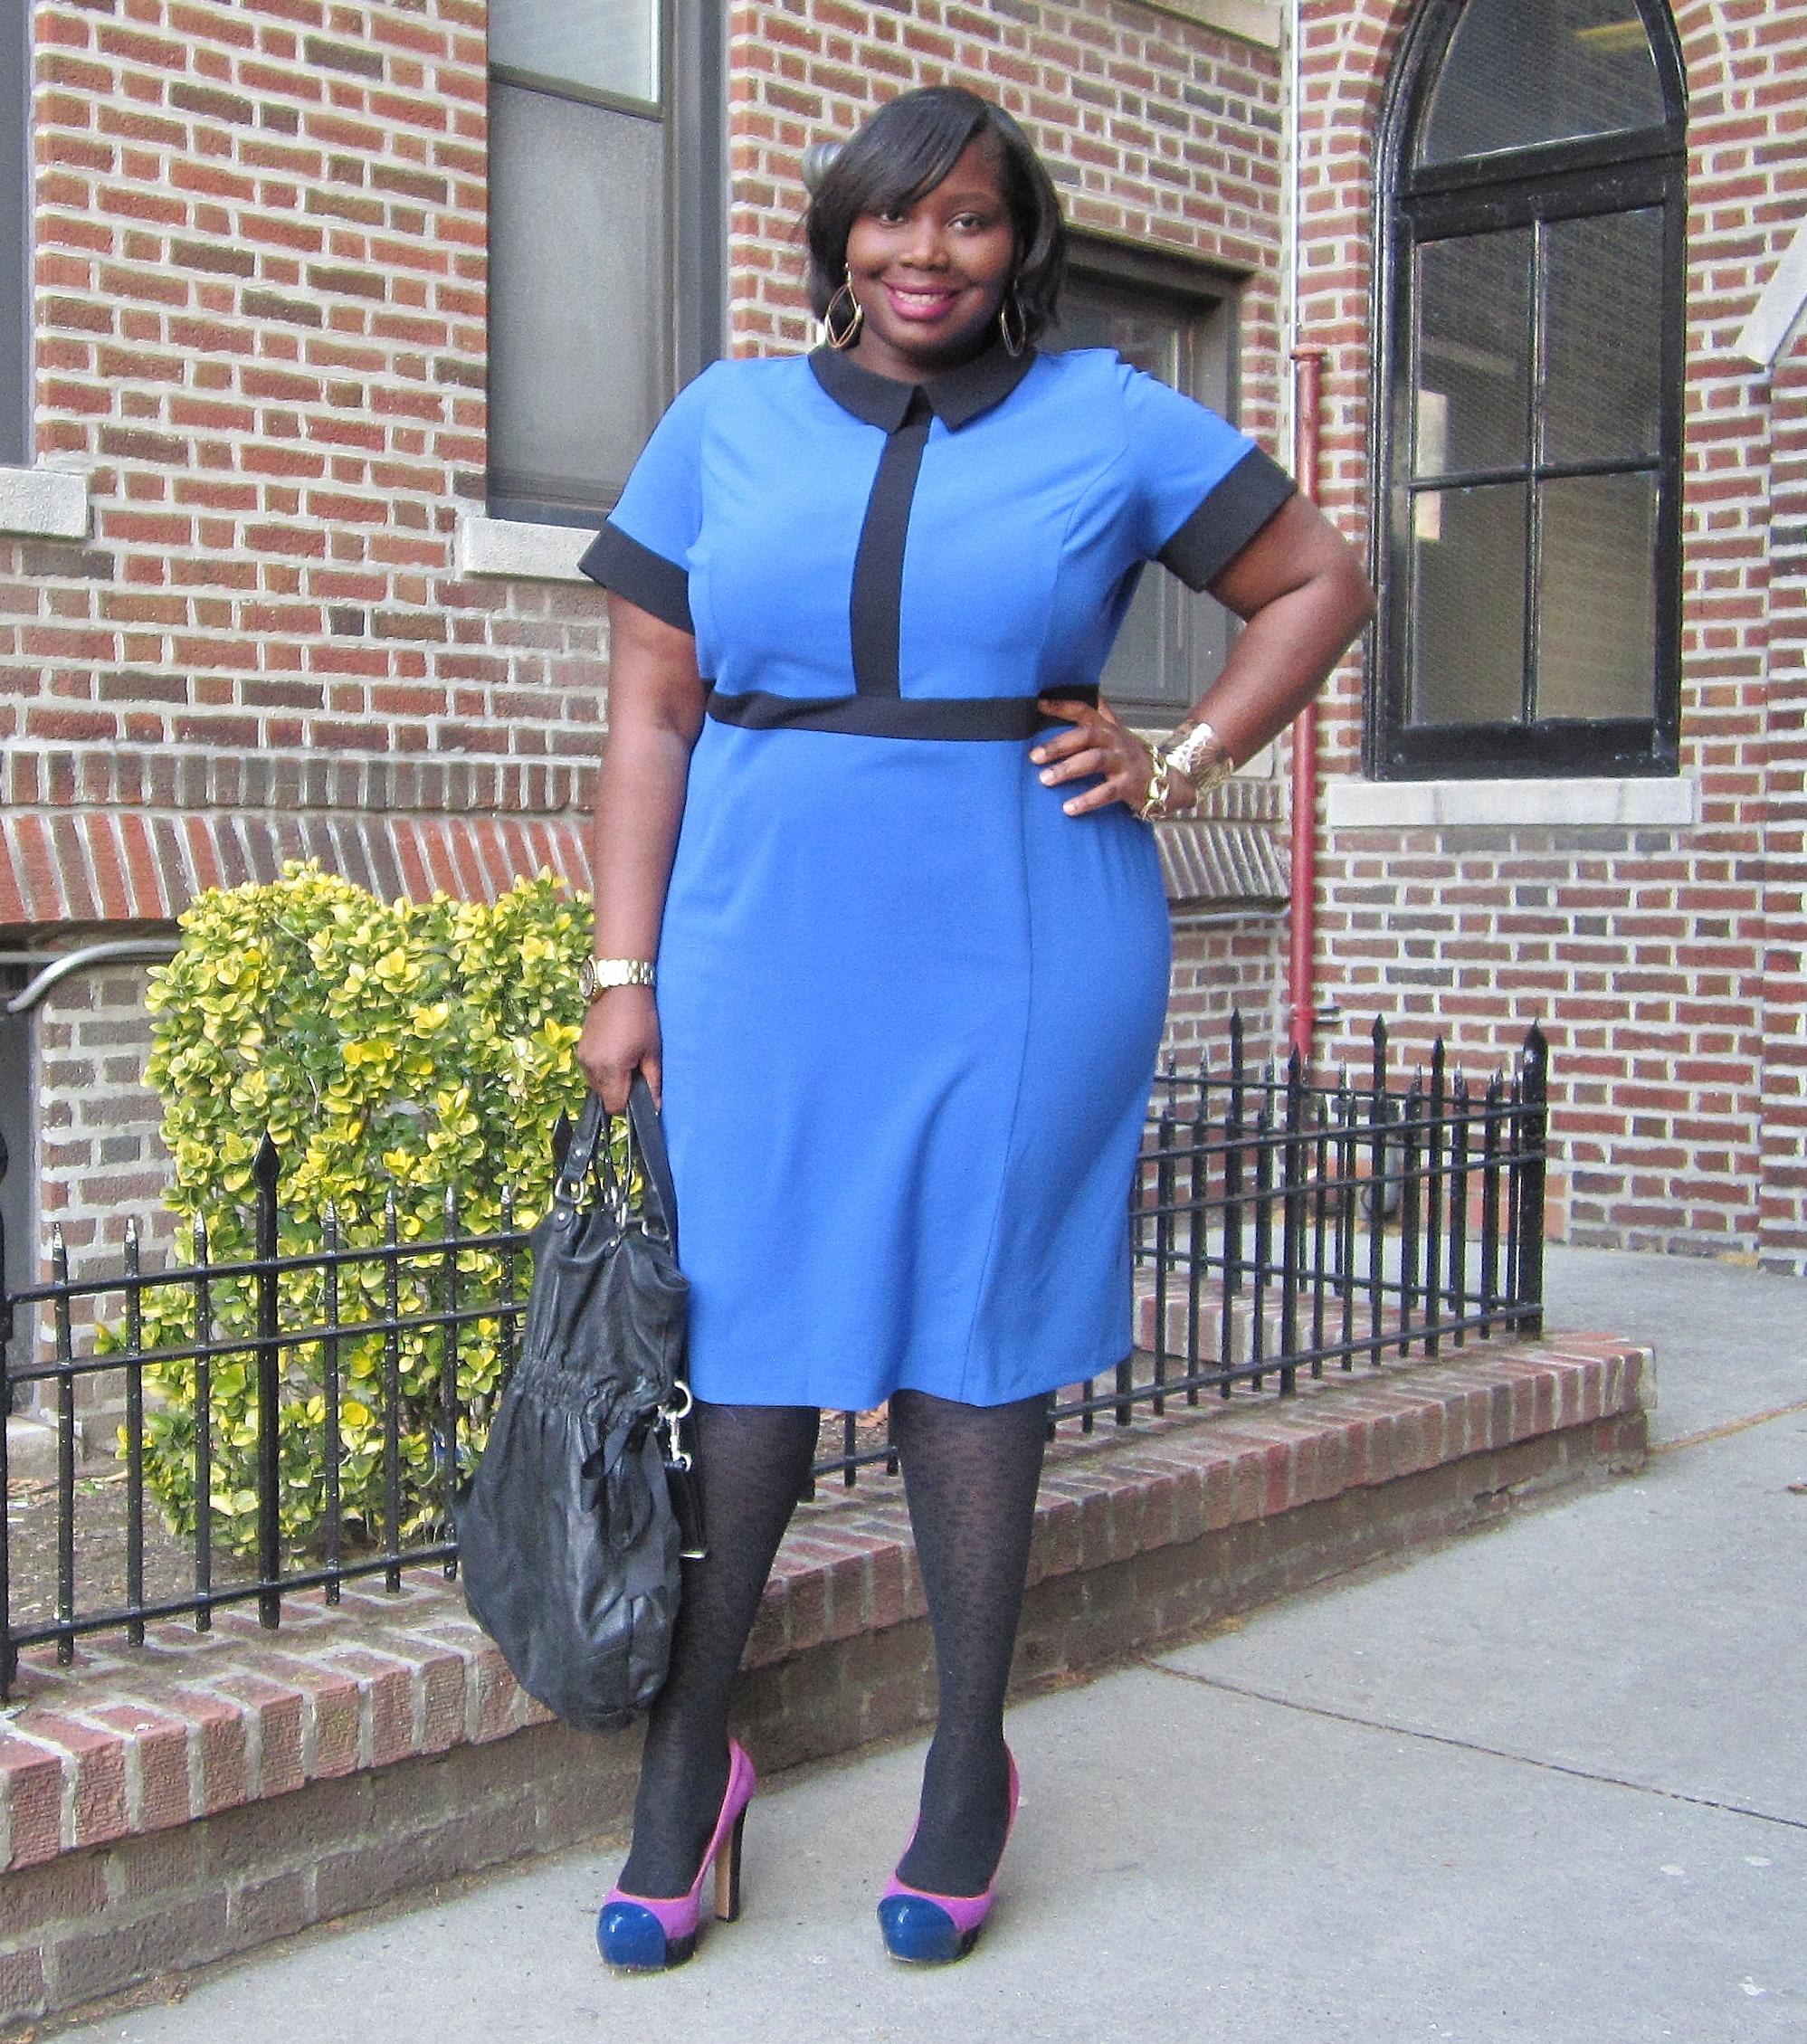 Unprofessional dress pictures